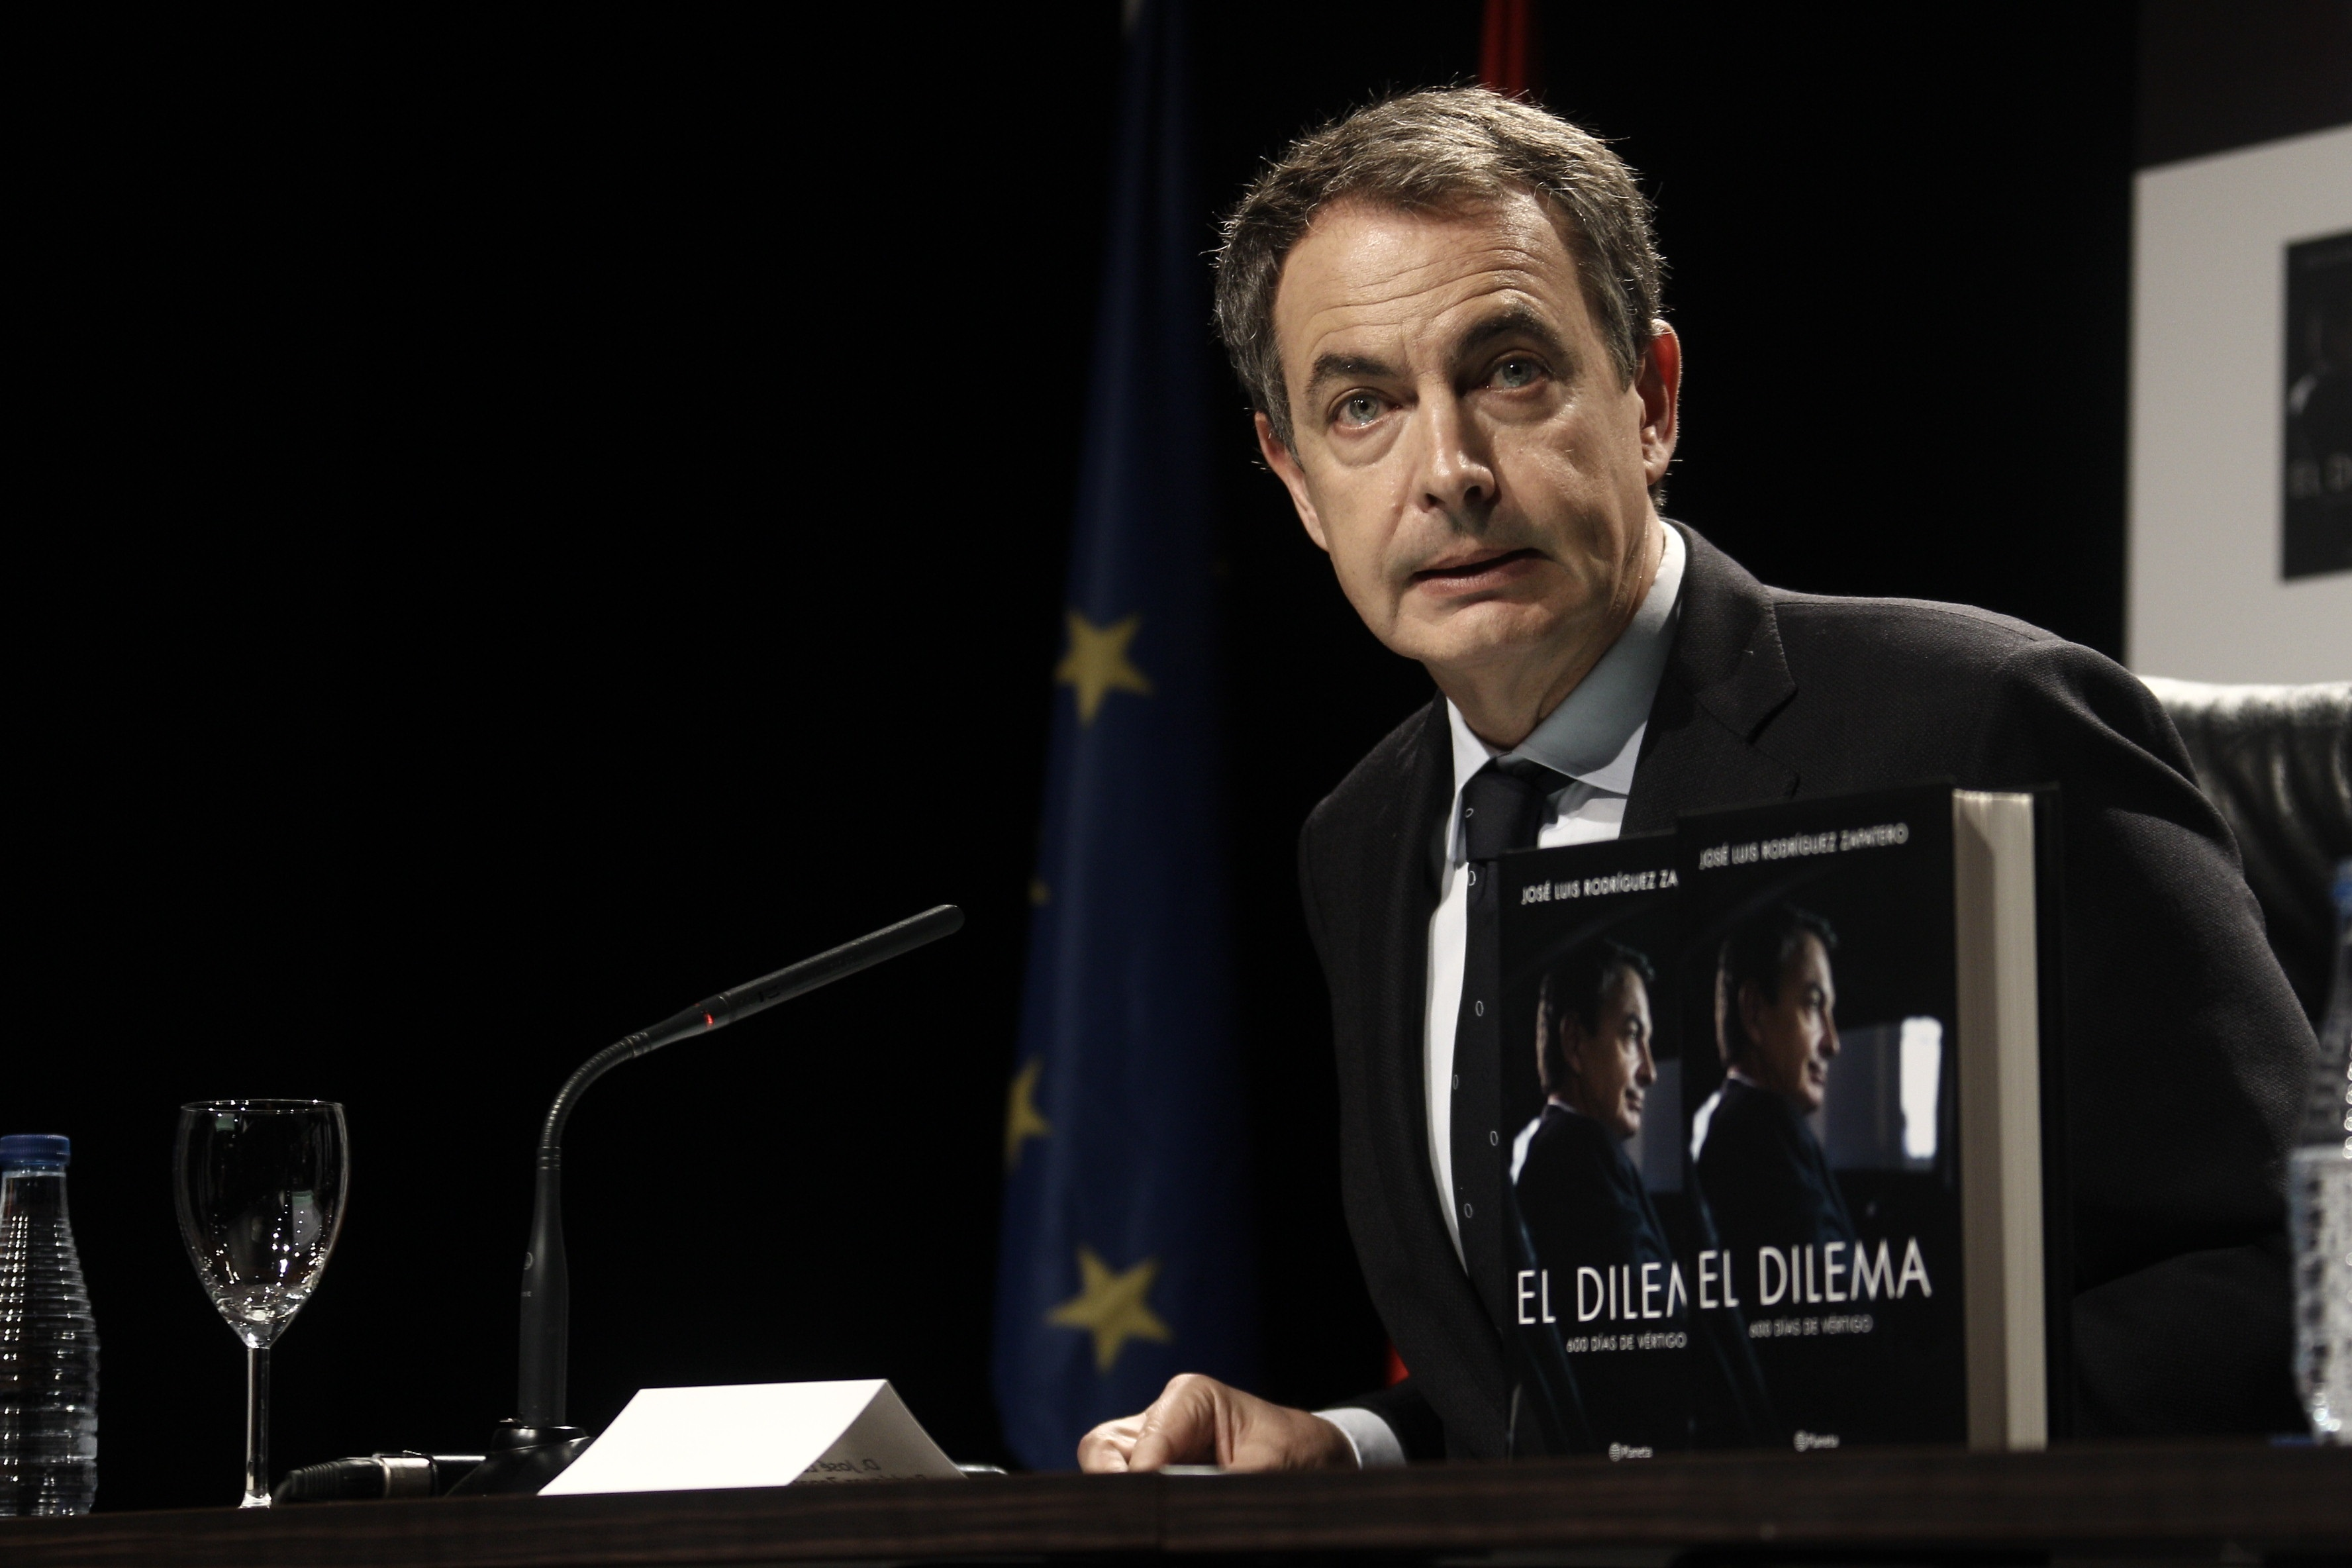 Zapatero defiende la ley Aído y critica que esta reforma desconfía de la mujer